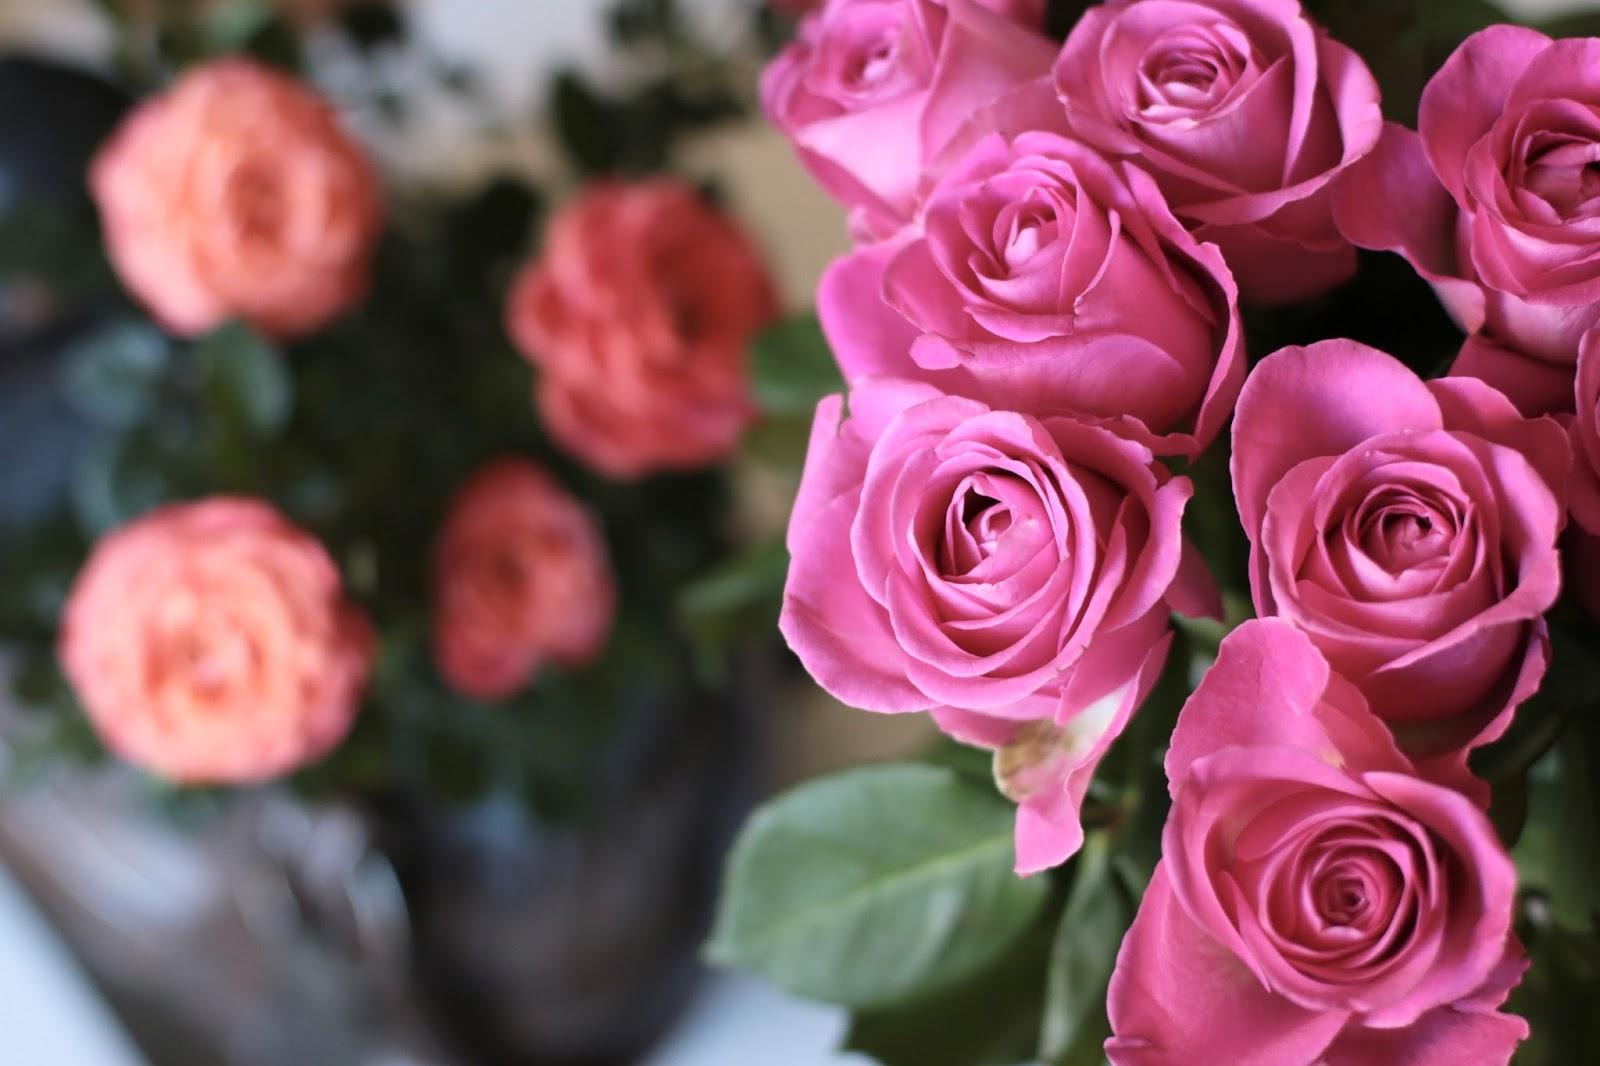 Miesiąc Maj W Zdjęciach - Morze, Róże i Pyszności